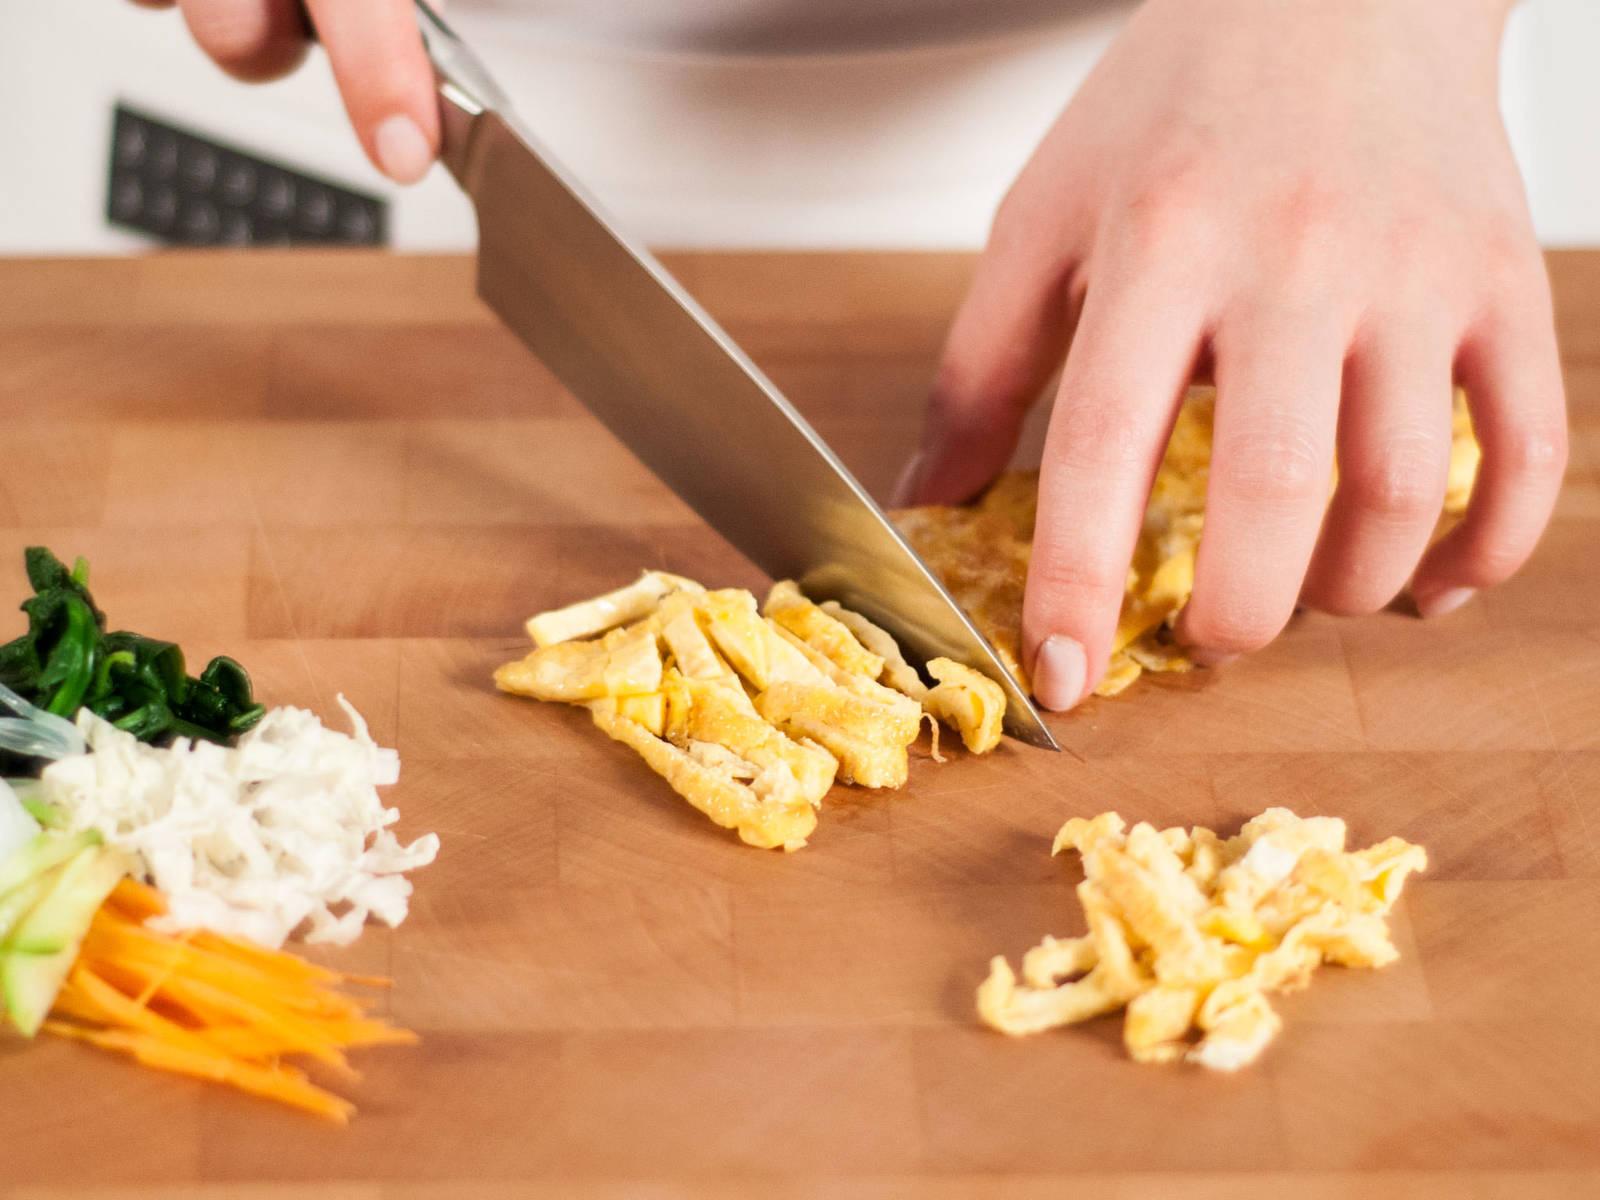 将菠菜粗粗切碎,蒜切碎。将胡萝卜,黄瓜,白菜和鸡蛋饼切丝。